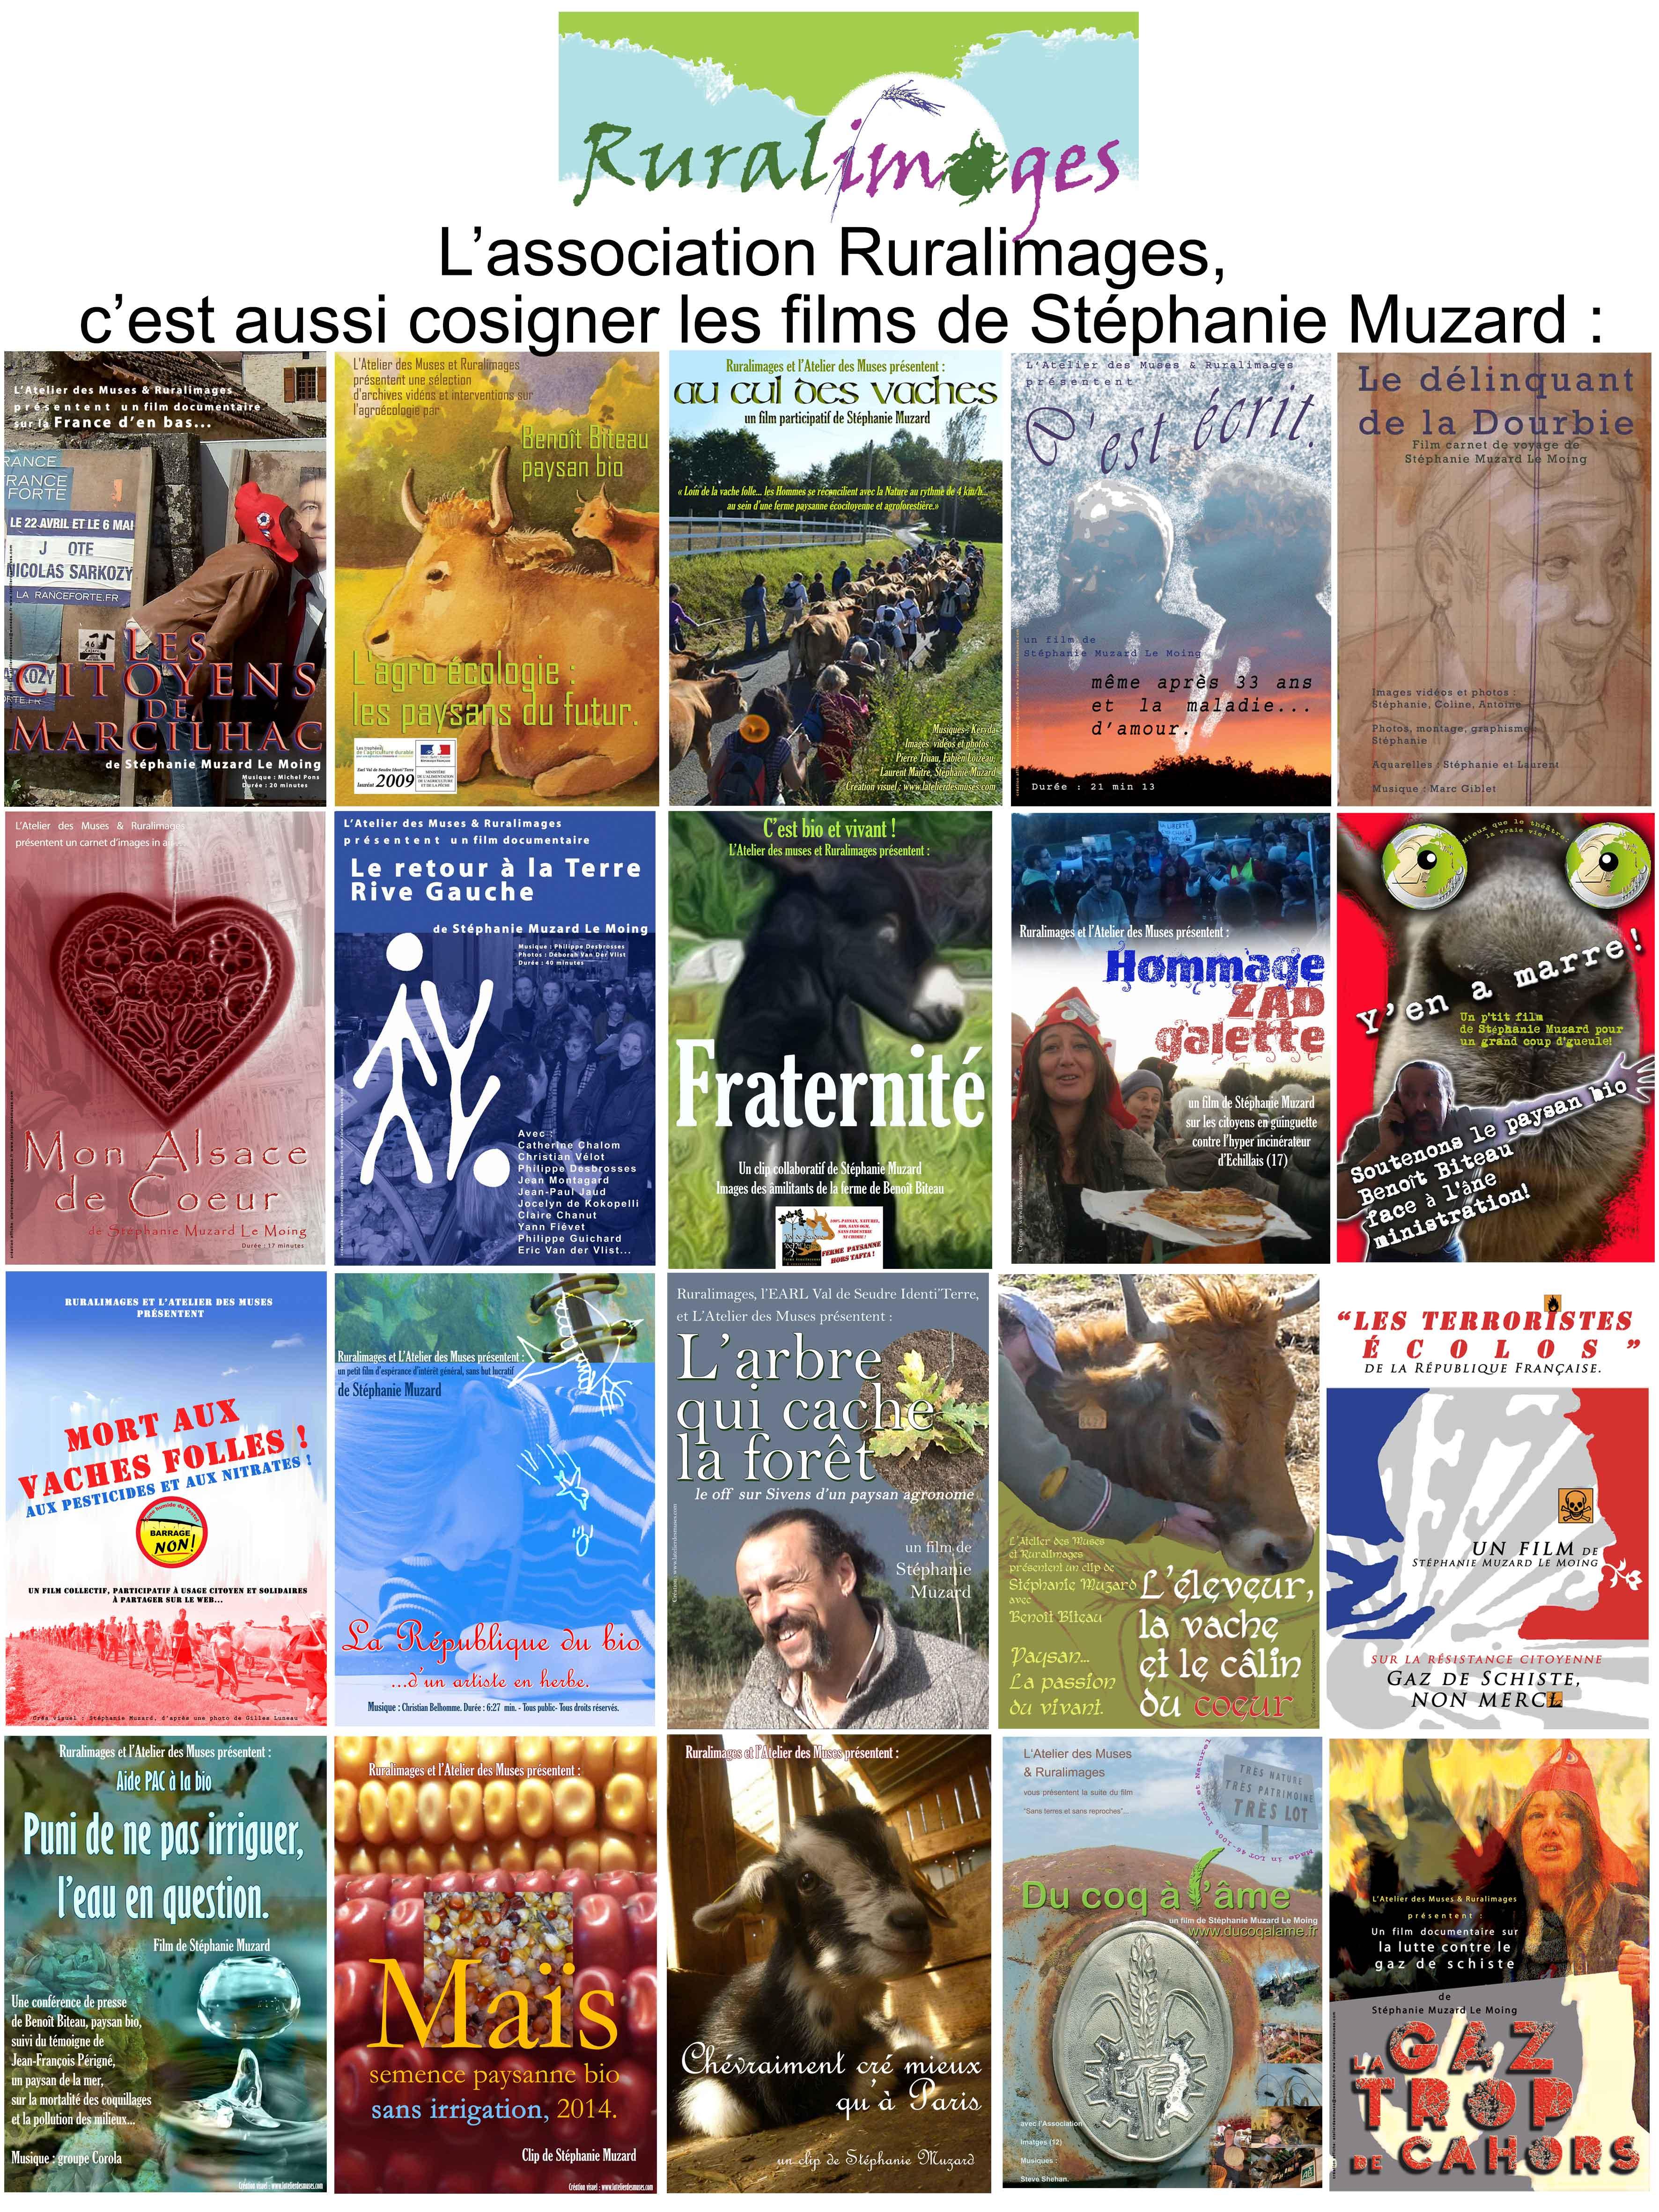 20janv16_poster_films_depuis_2011